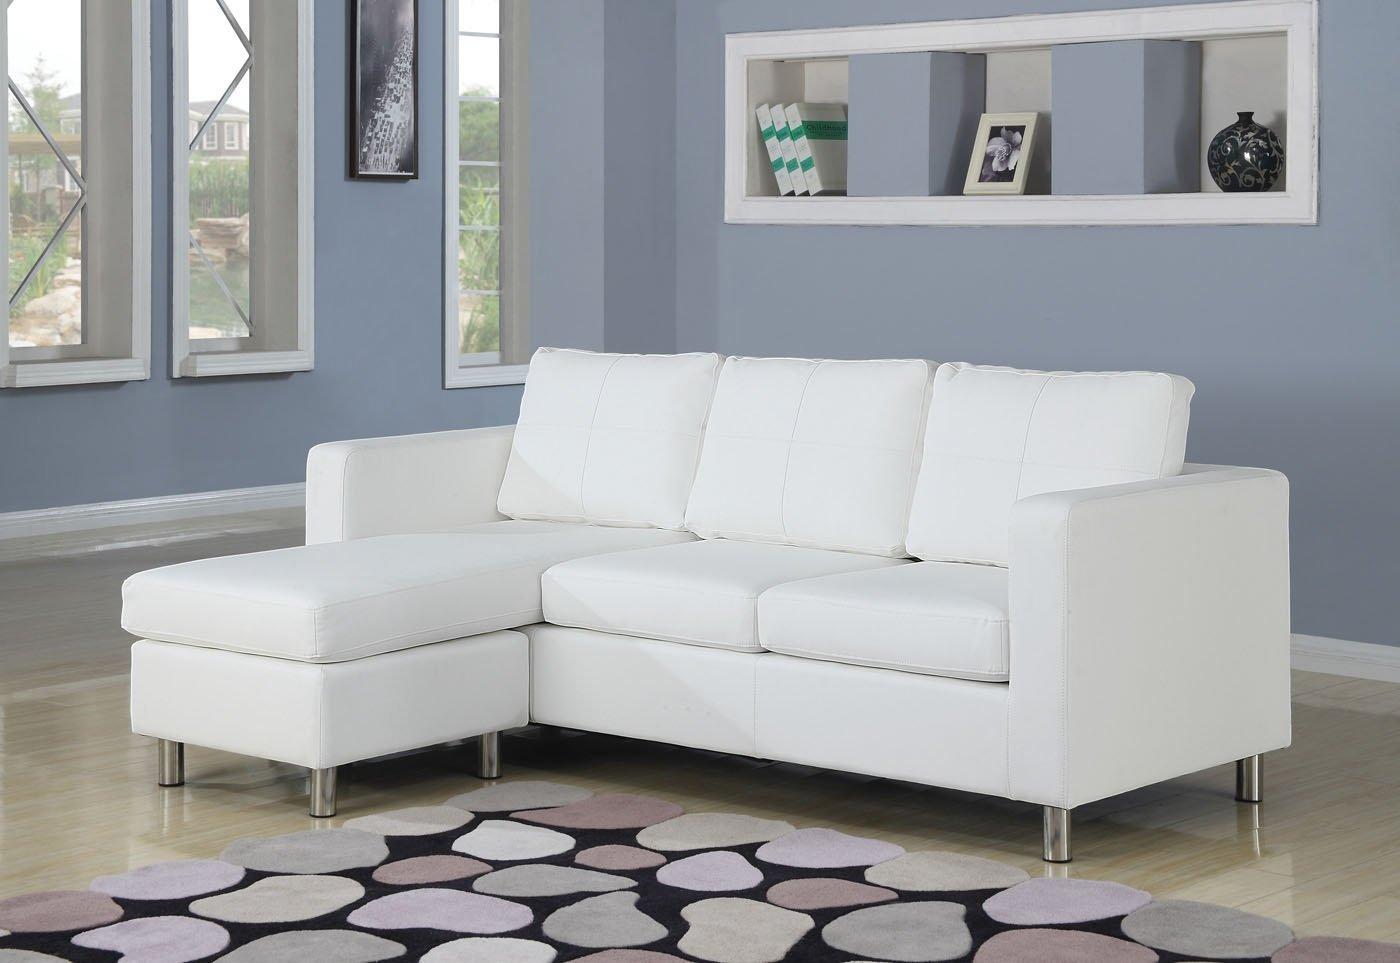 furniture rumah minimalis 249 » Beberapa Contoh Furniture yang cocok untuk Rumah Minimalis